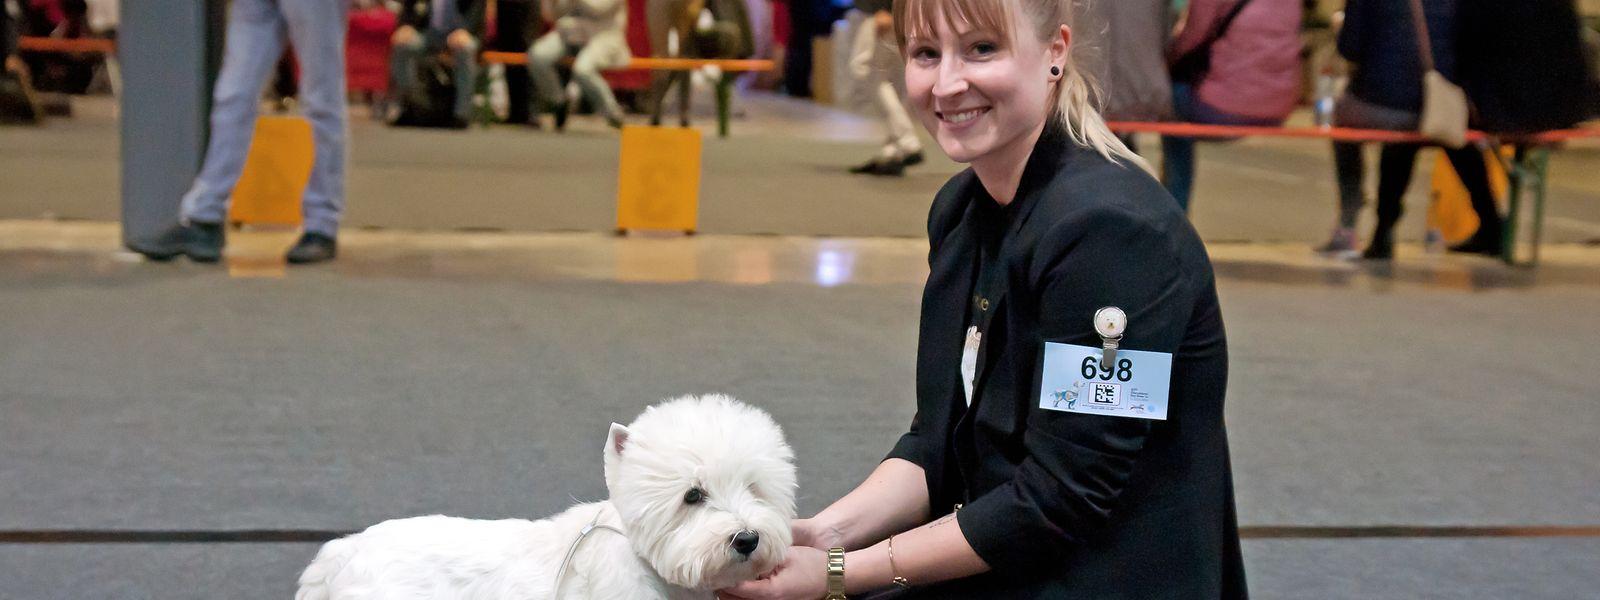 La 97e exposition internationale canine qui s'est tenue ce week-end, a attiré de nombreux amis des chiens.